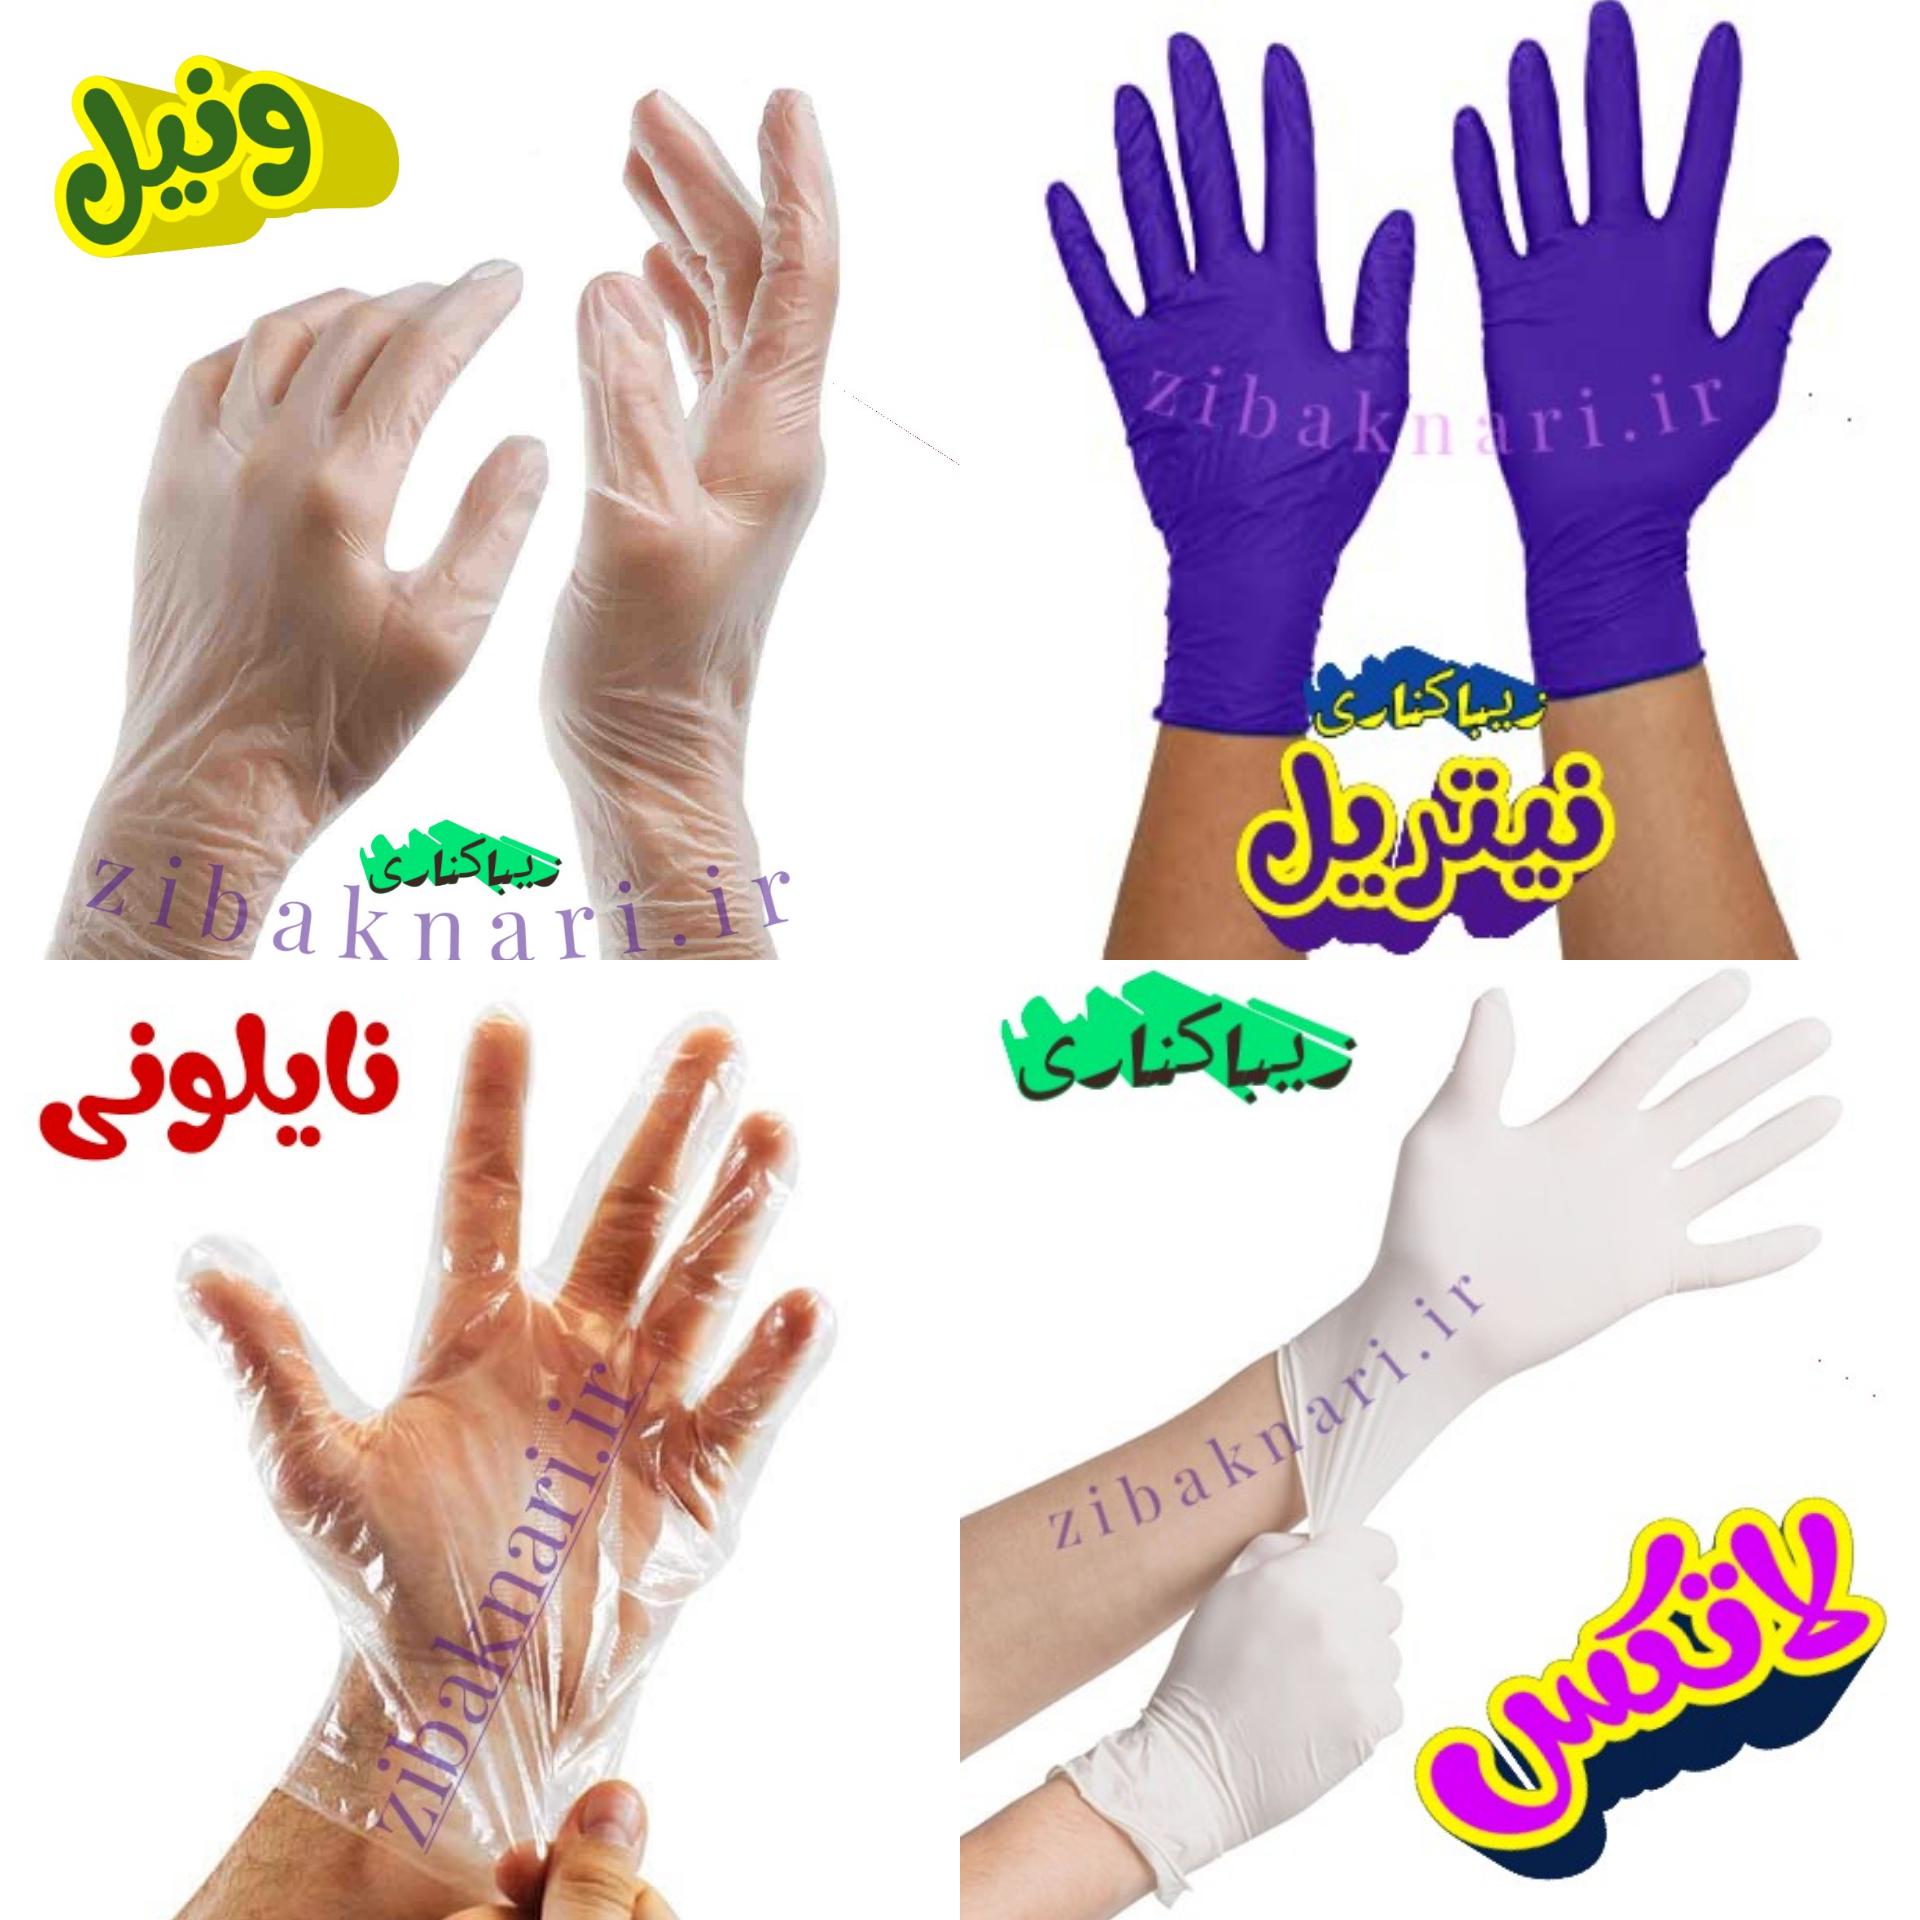 کدام دستکش در برابر ویروس کرونا مقاومت بیشتری دارد؟